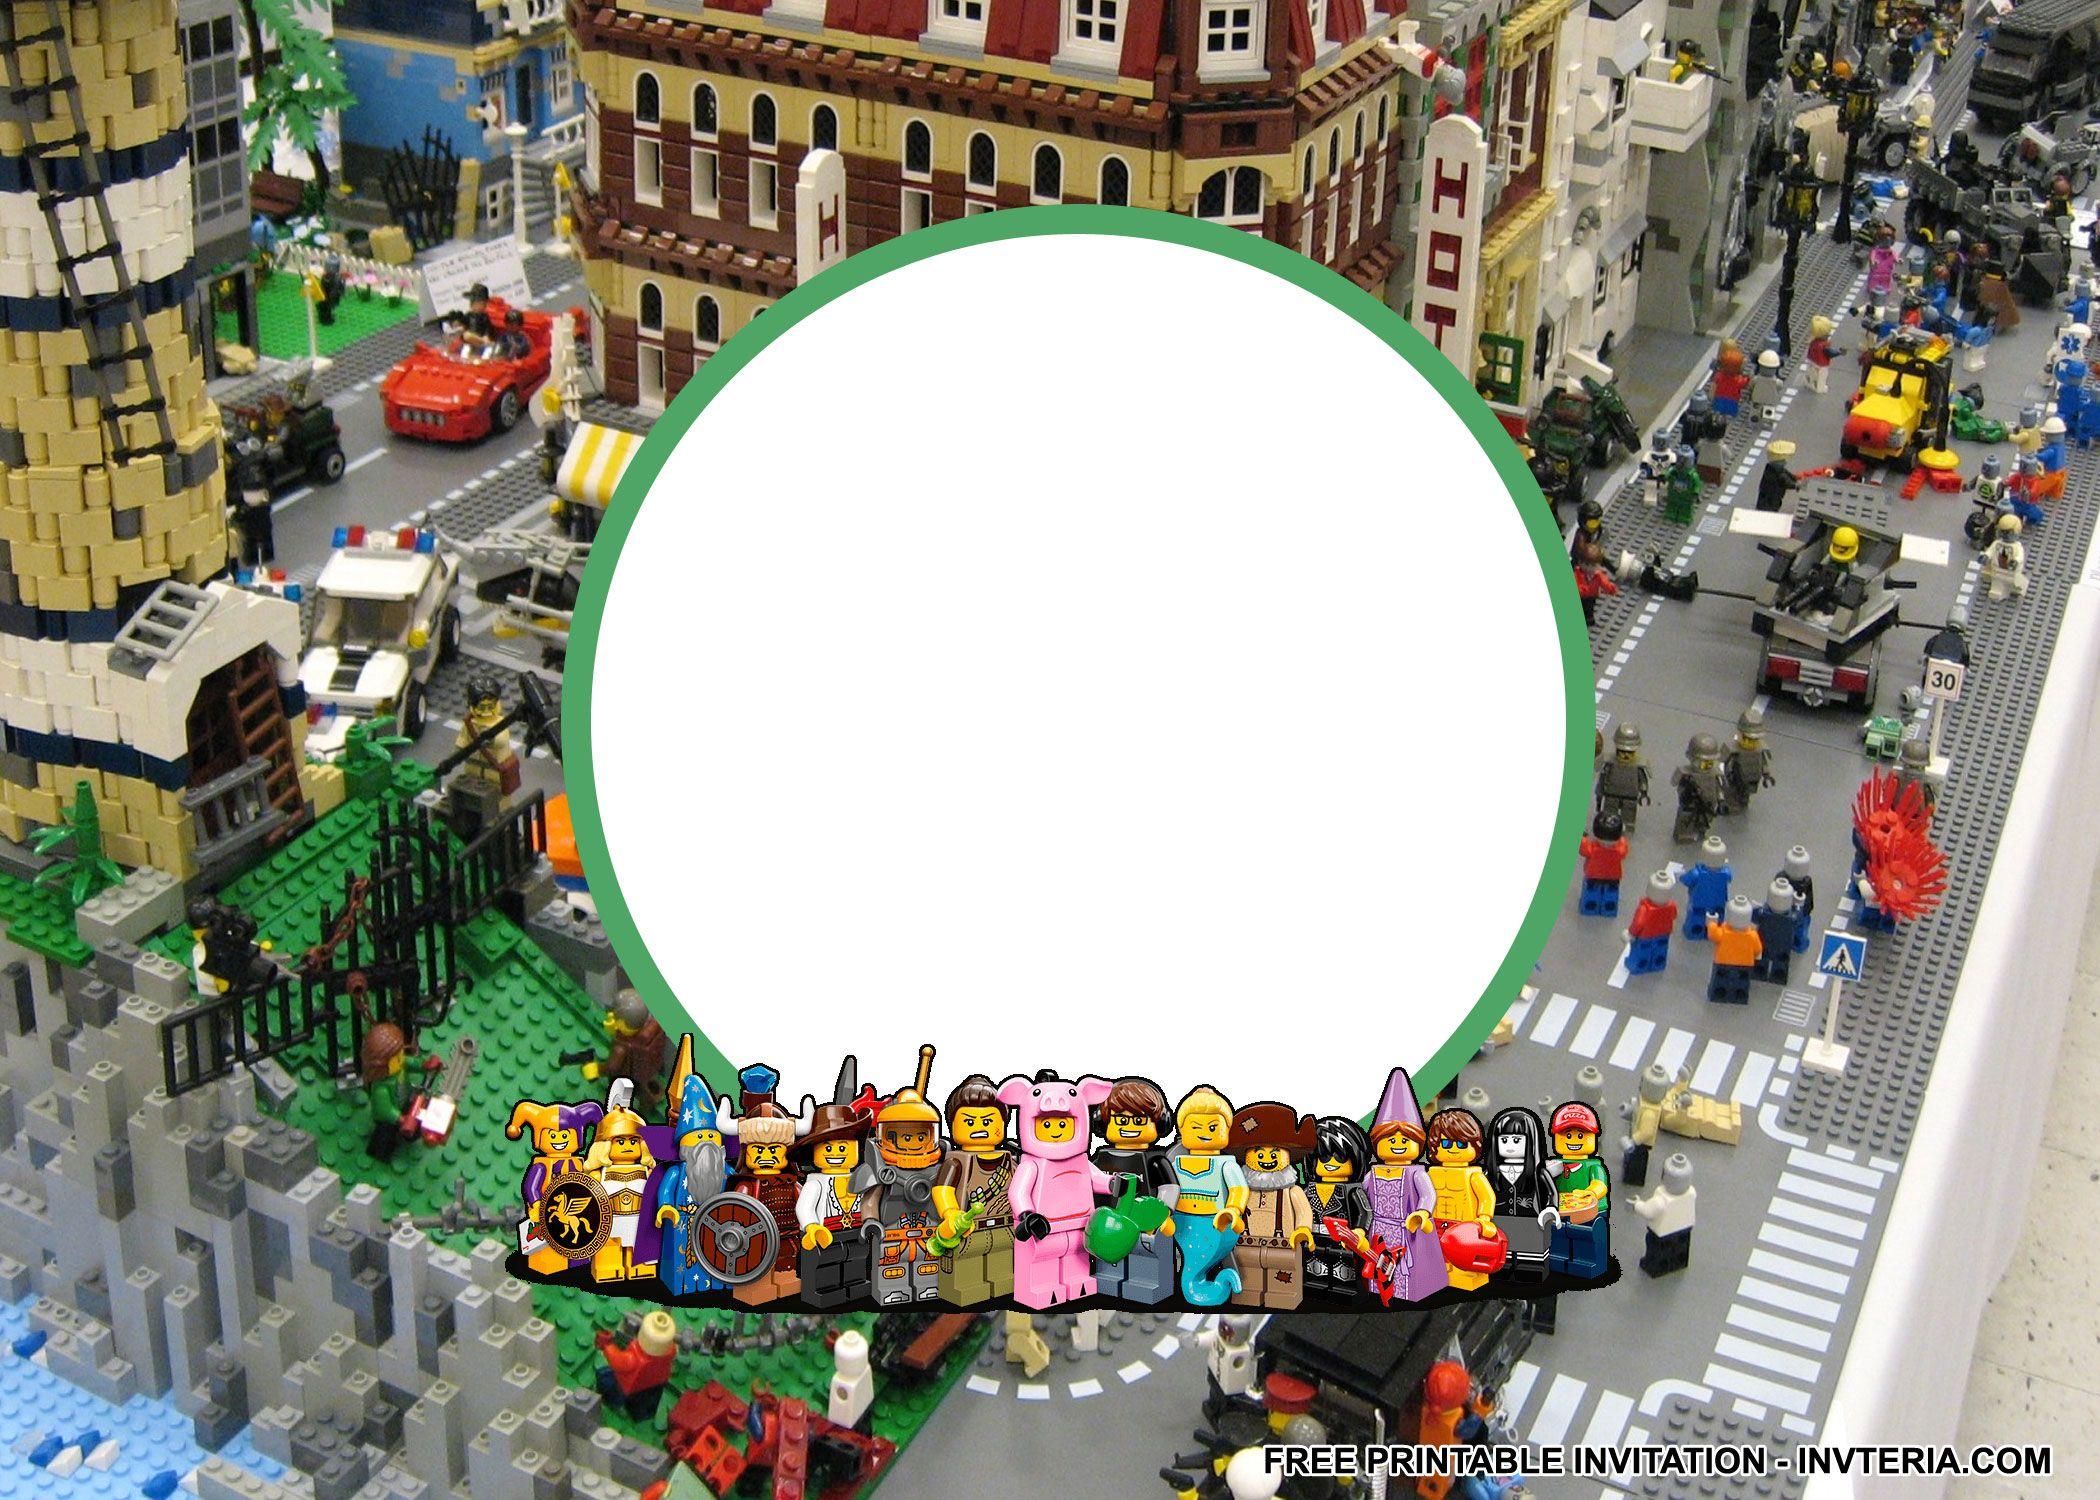 NICE BEST FREE PRINTABLE LEGO BIRTHDAY INVITATIONS IDEA   Invitation ...